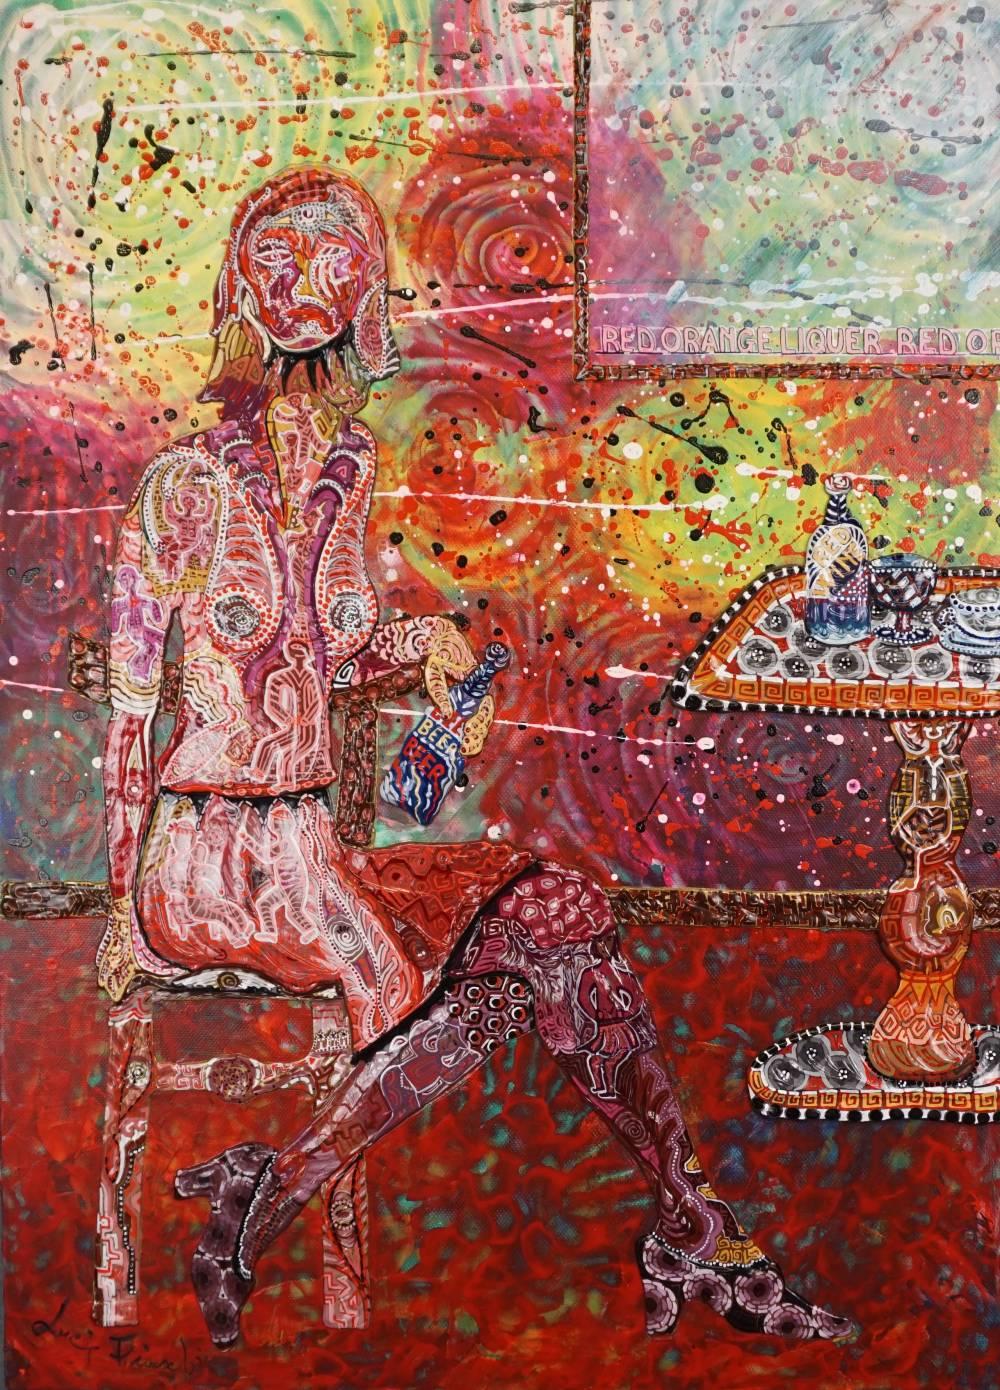 OMBRA ROSSA AL BAR - quadro - anno 2017 - 50 cm x 70 cm h - acrilico su tela - figura con sedia tavolo e cornice a rilievo -